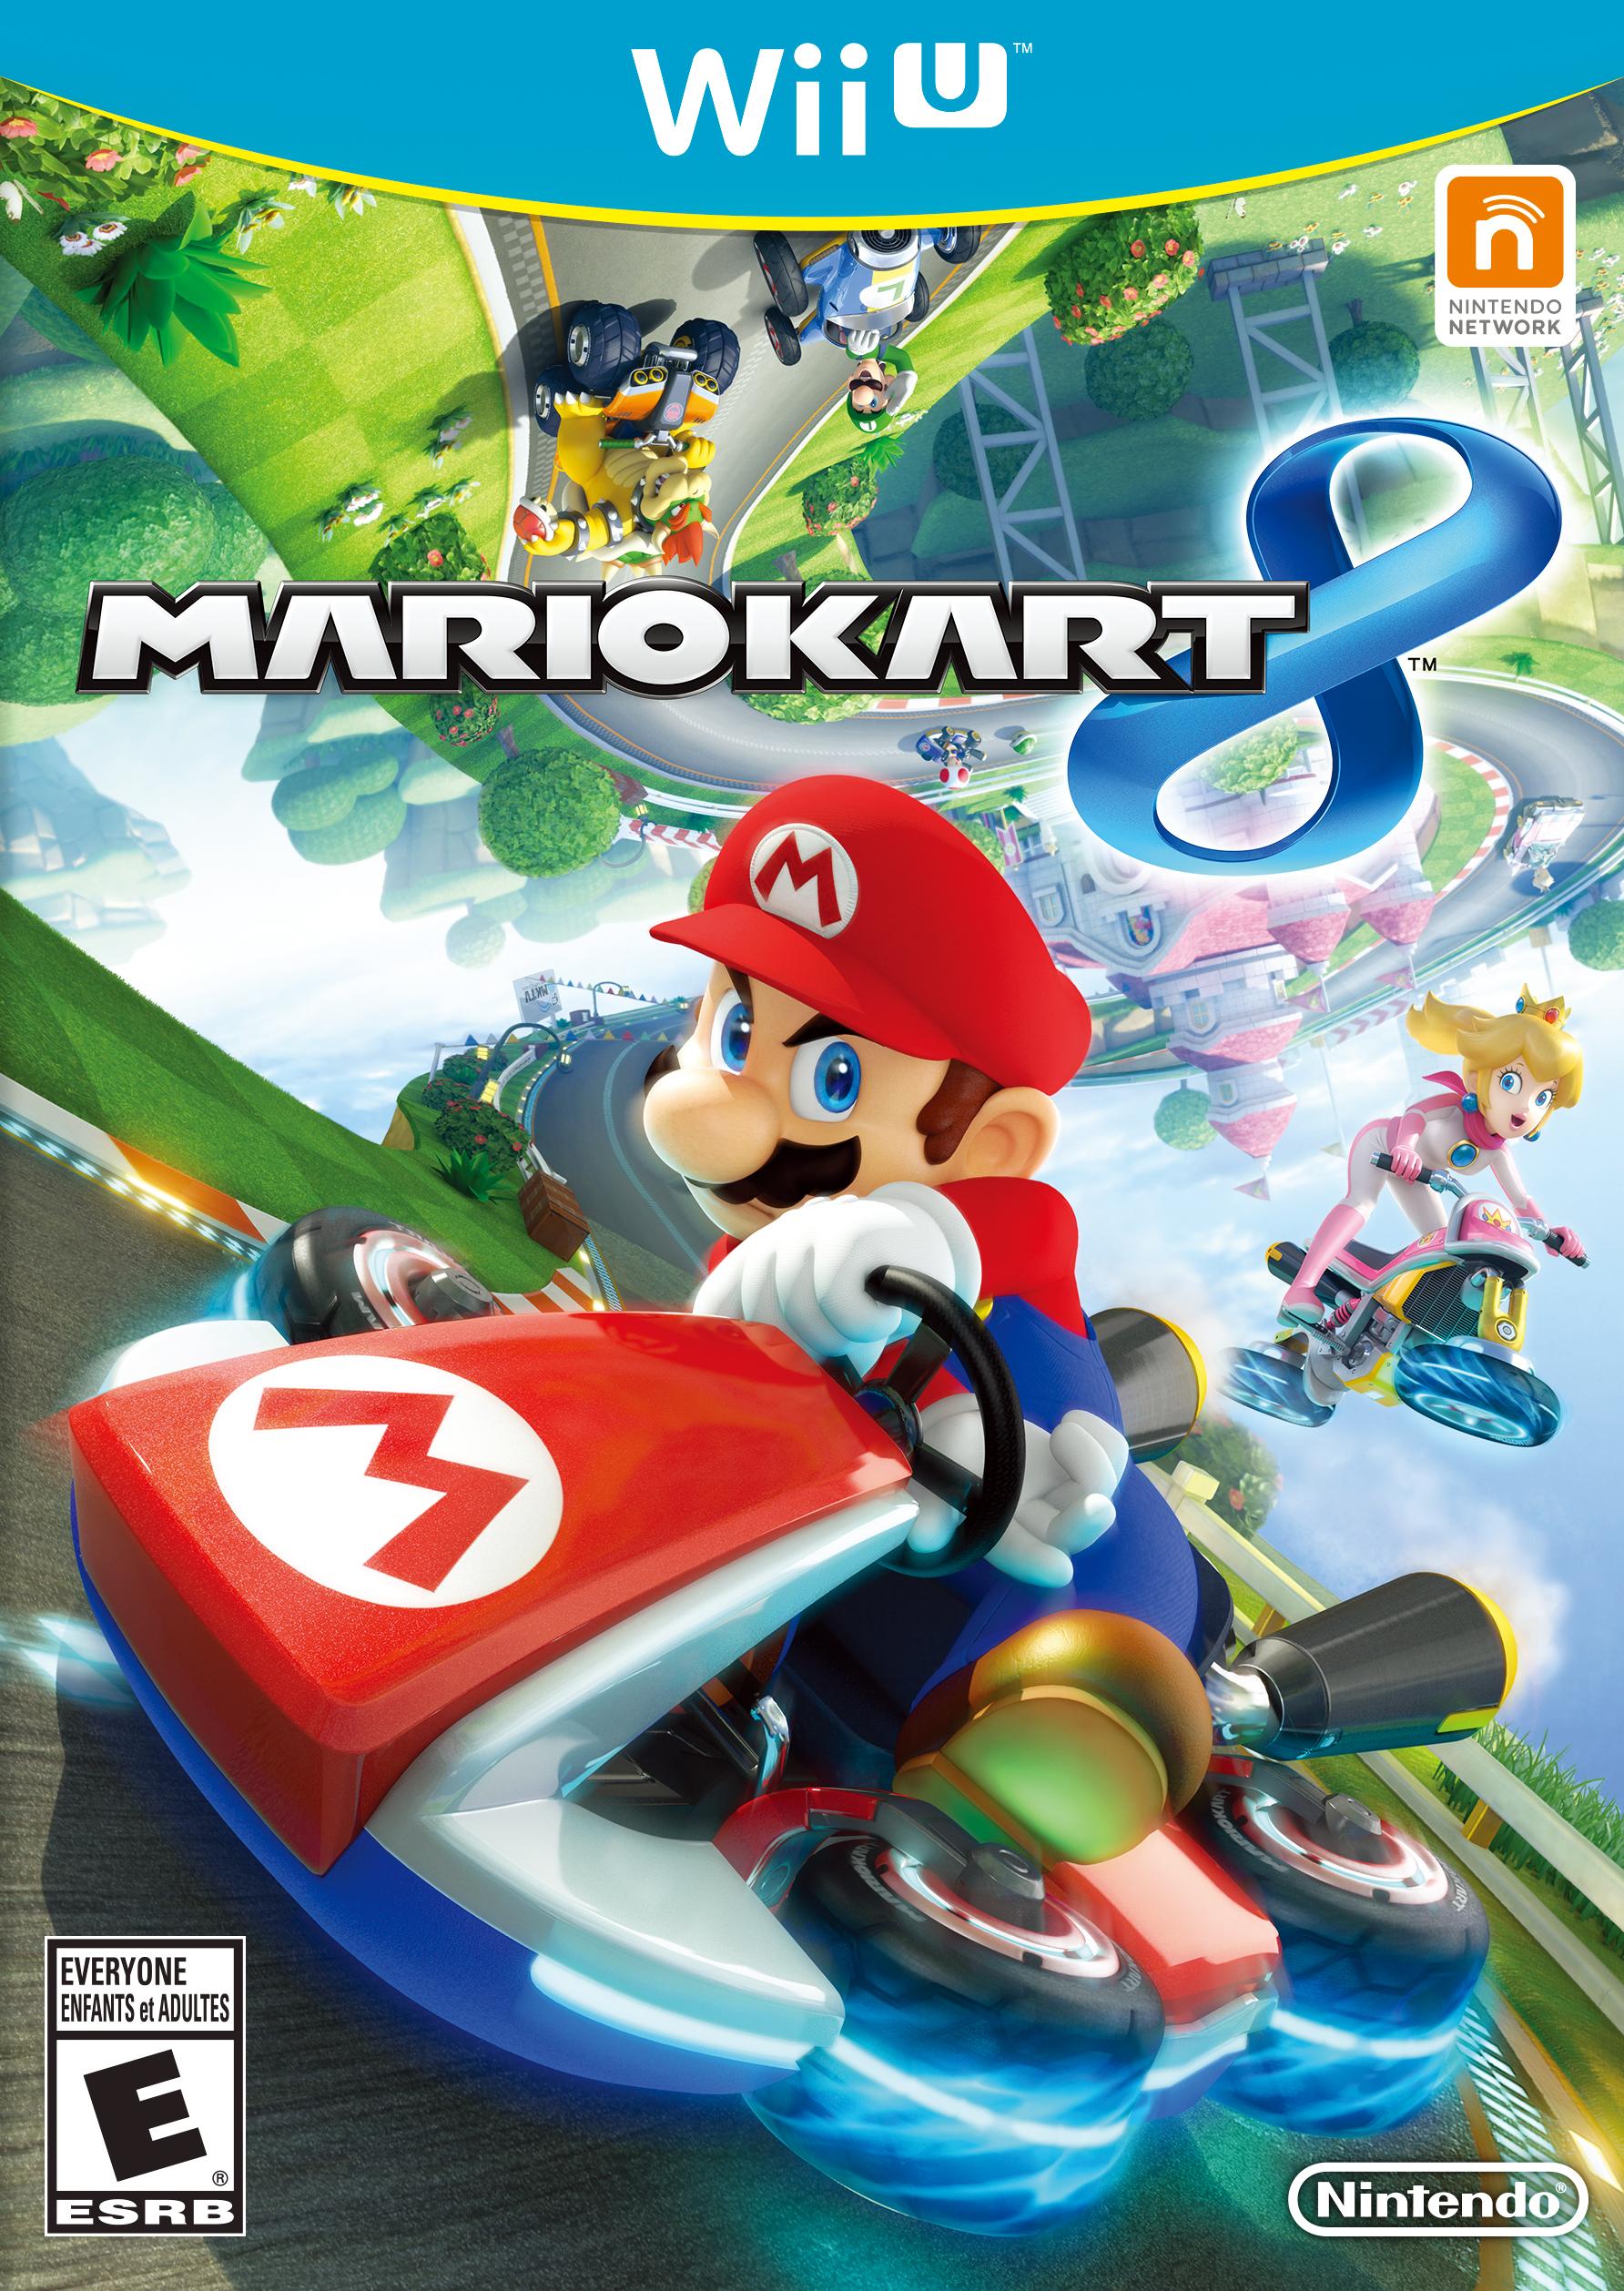 Mario Kart 8 Box Art (Photo: Business Wire)